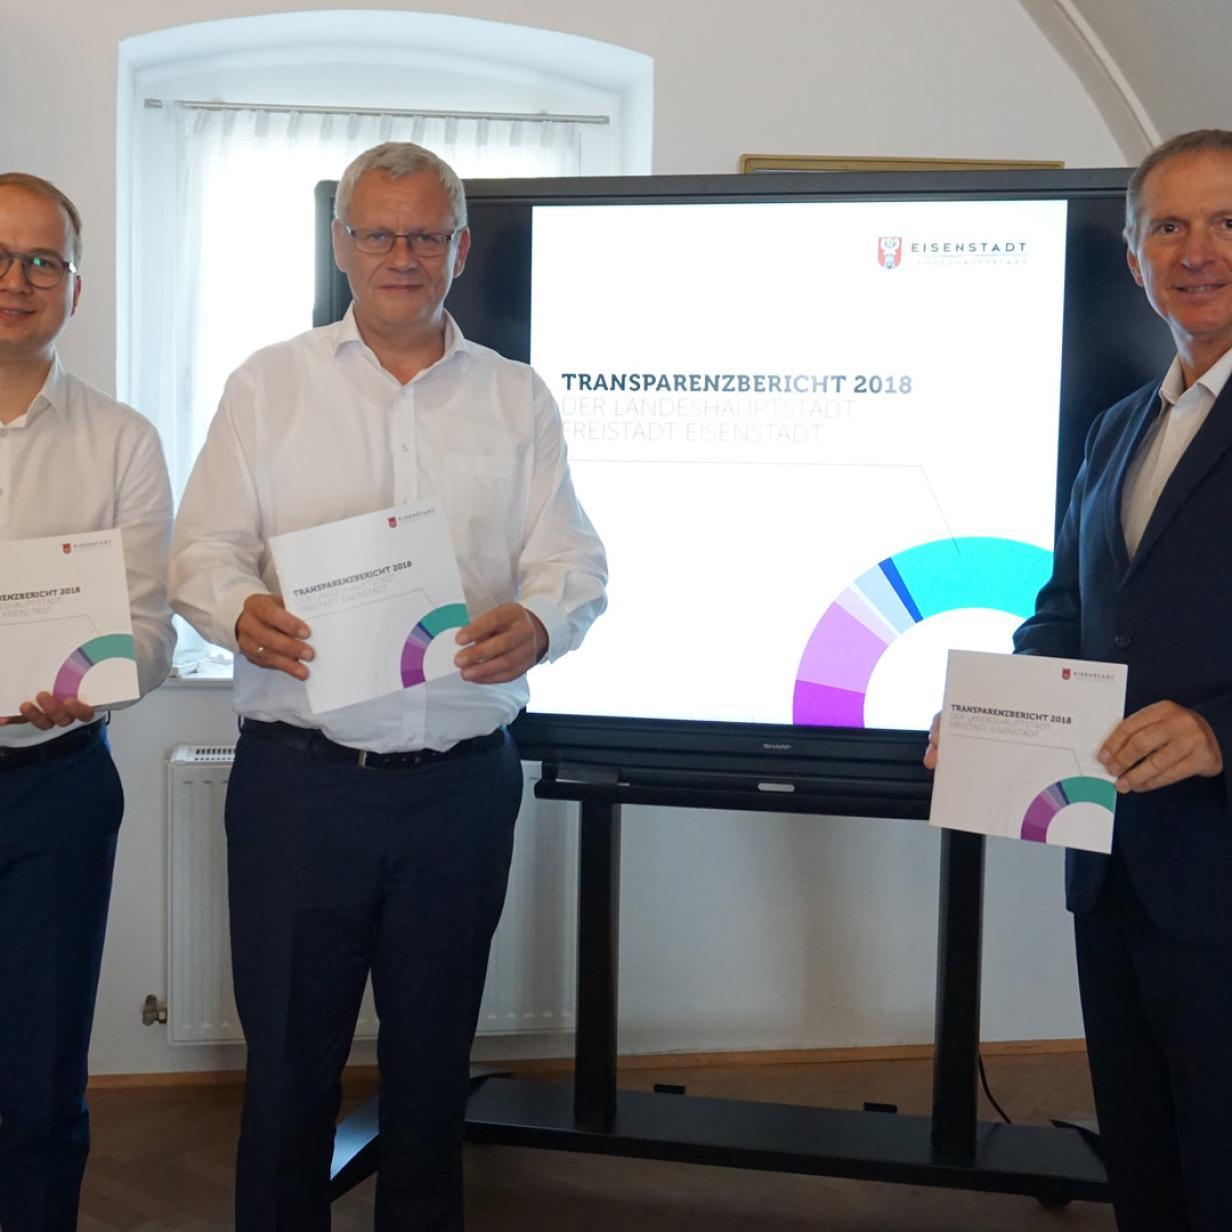 Eisenstadt legt ersten Transparenzbericht vor